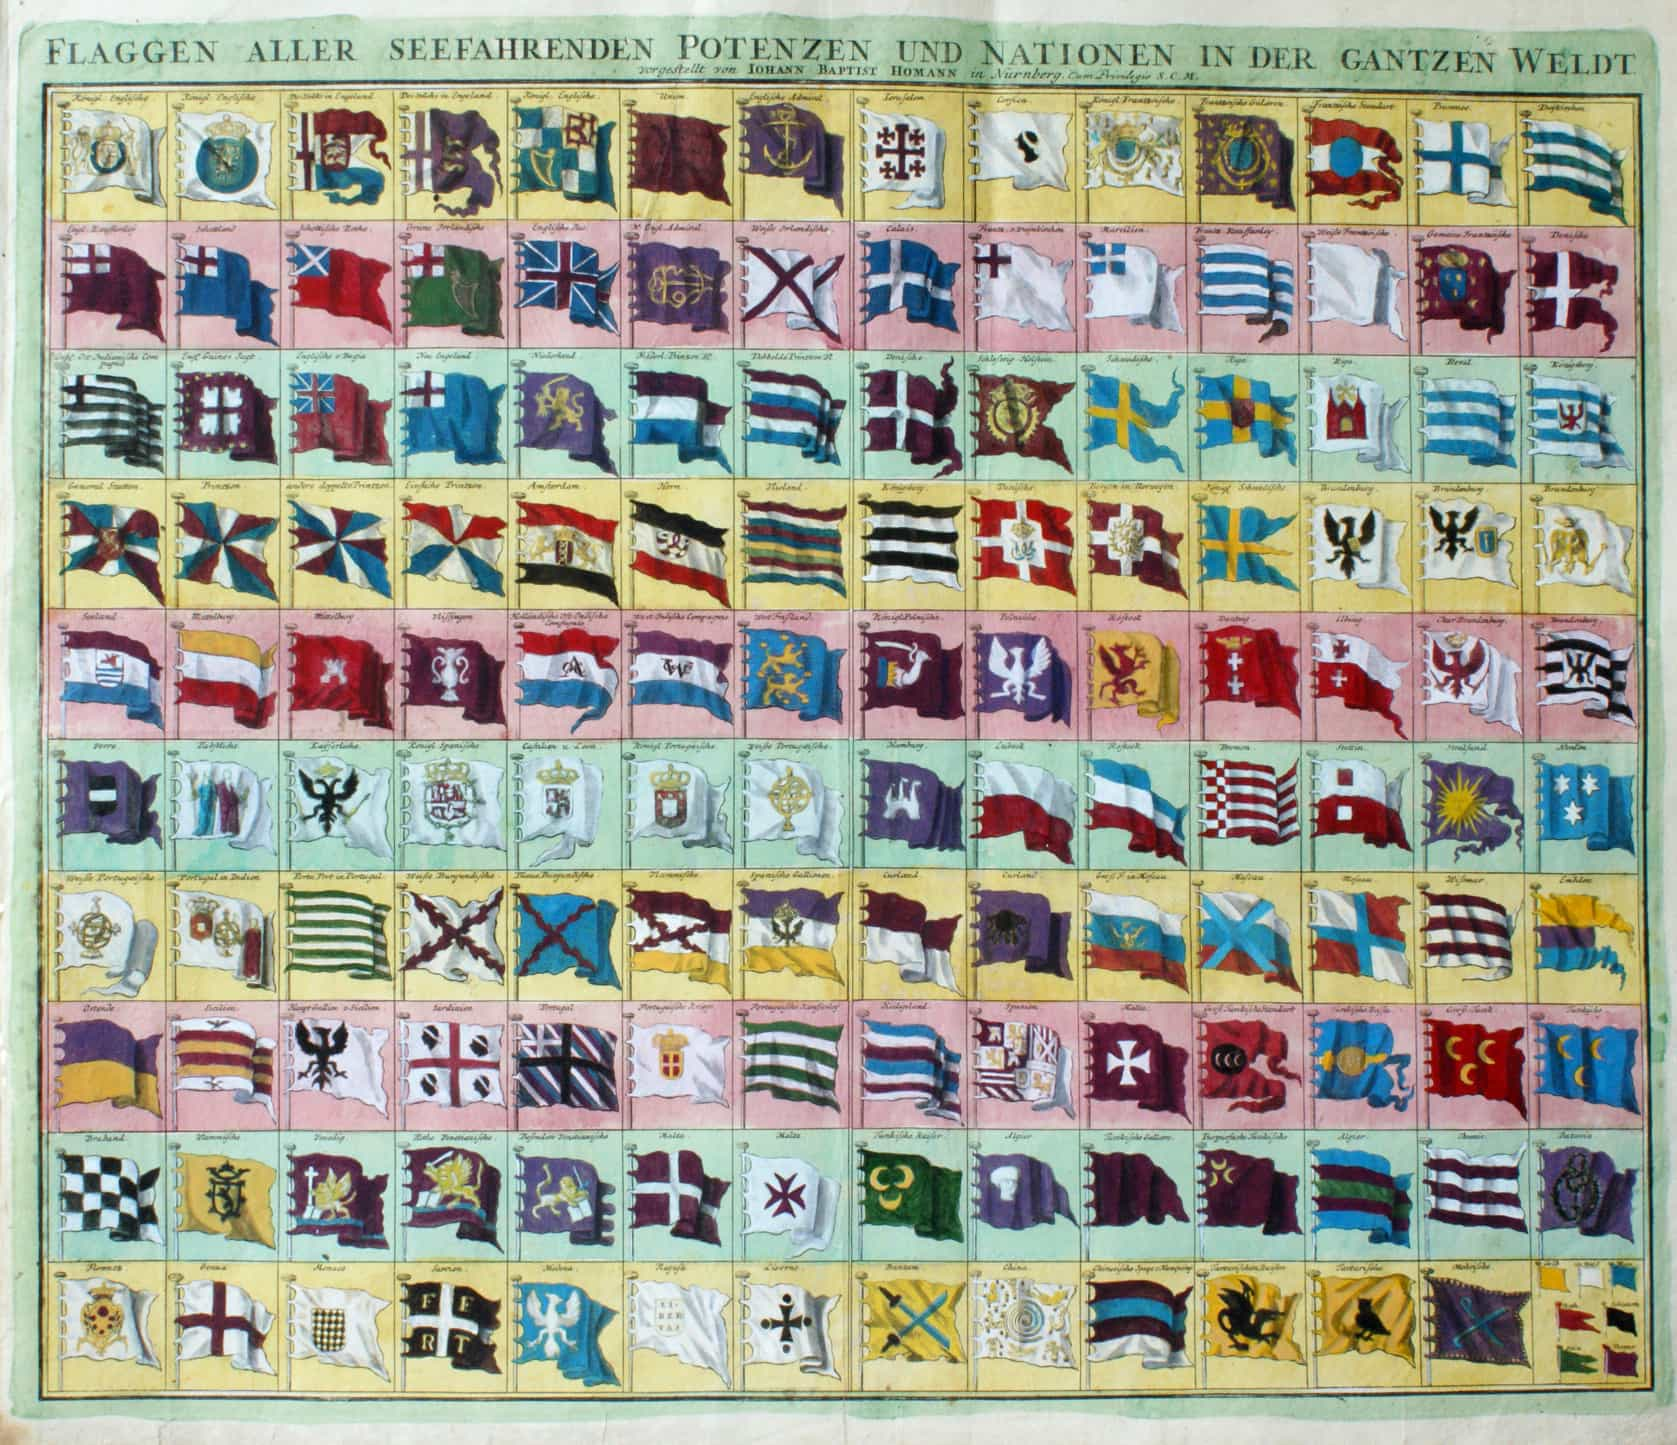 Flaggen alle seefahrenden Potenzen und Nationen